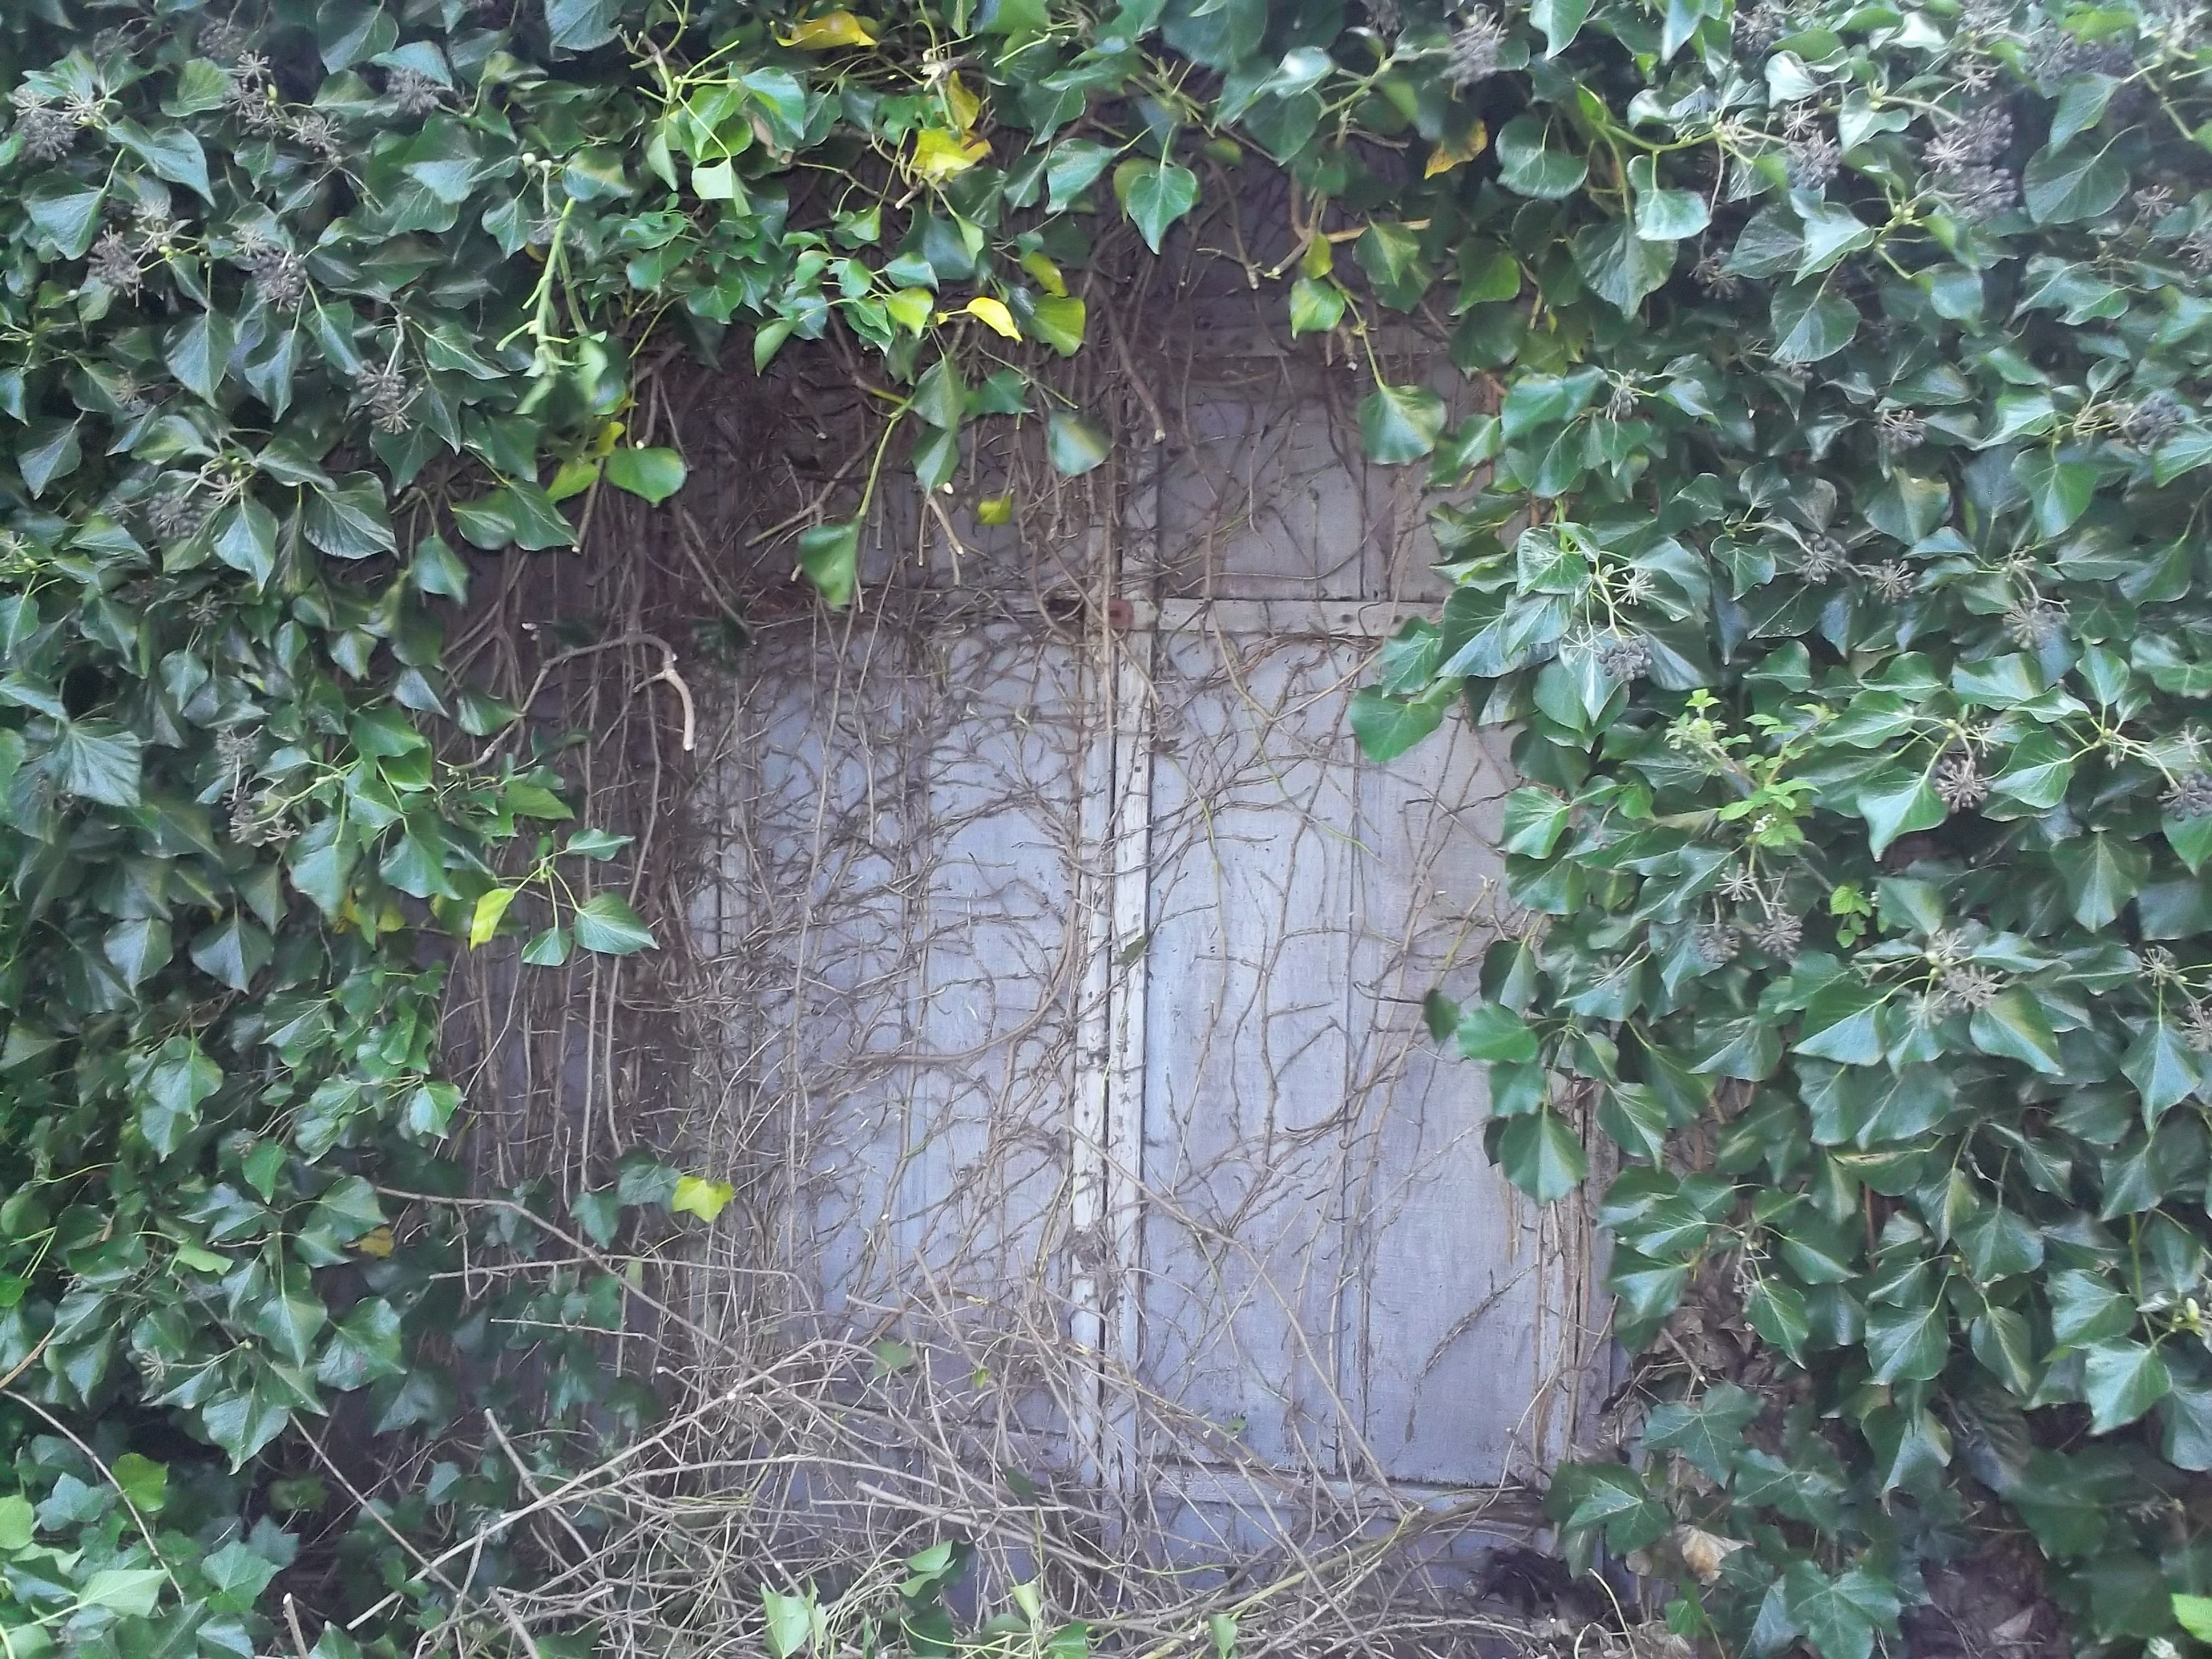 The Secret Building (Part 1: That's No Berry Bush!)